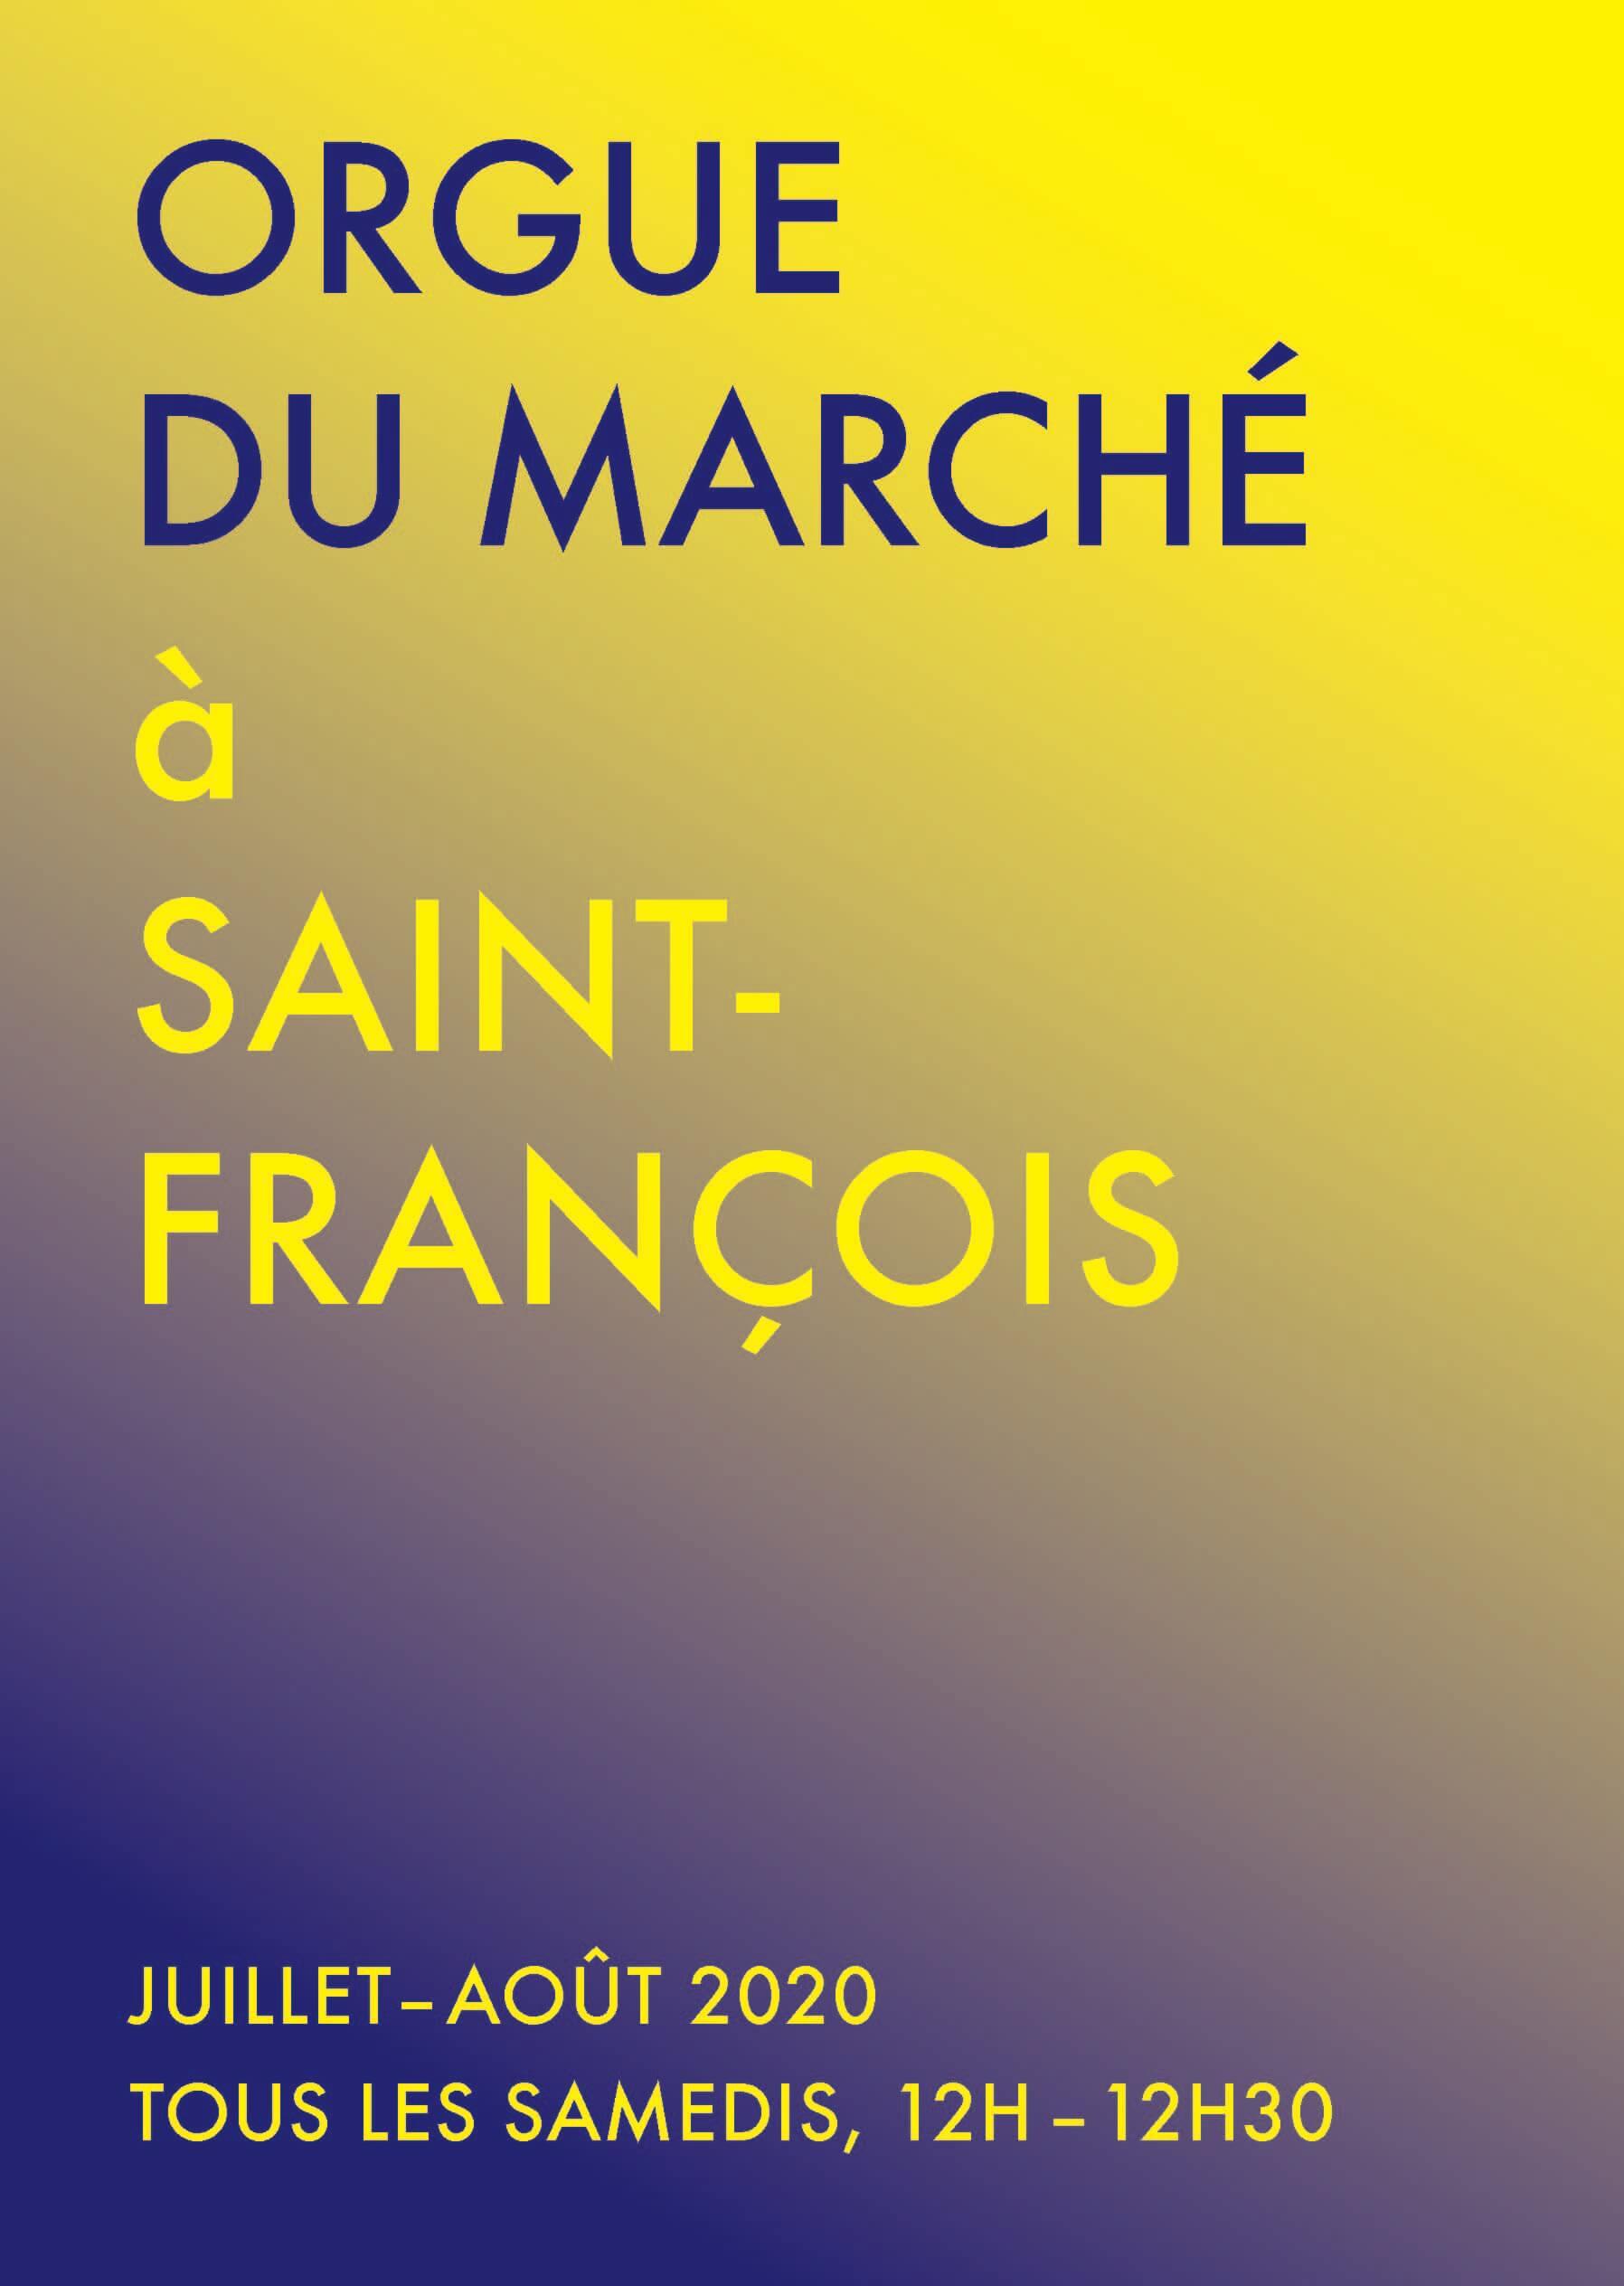 ORGUE DU MARCHÉ JUILLET-AOÛT 2020